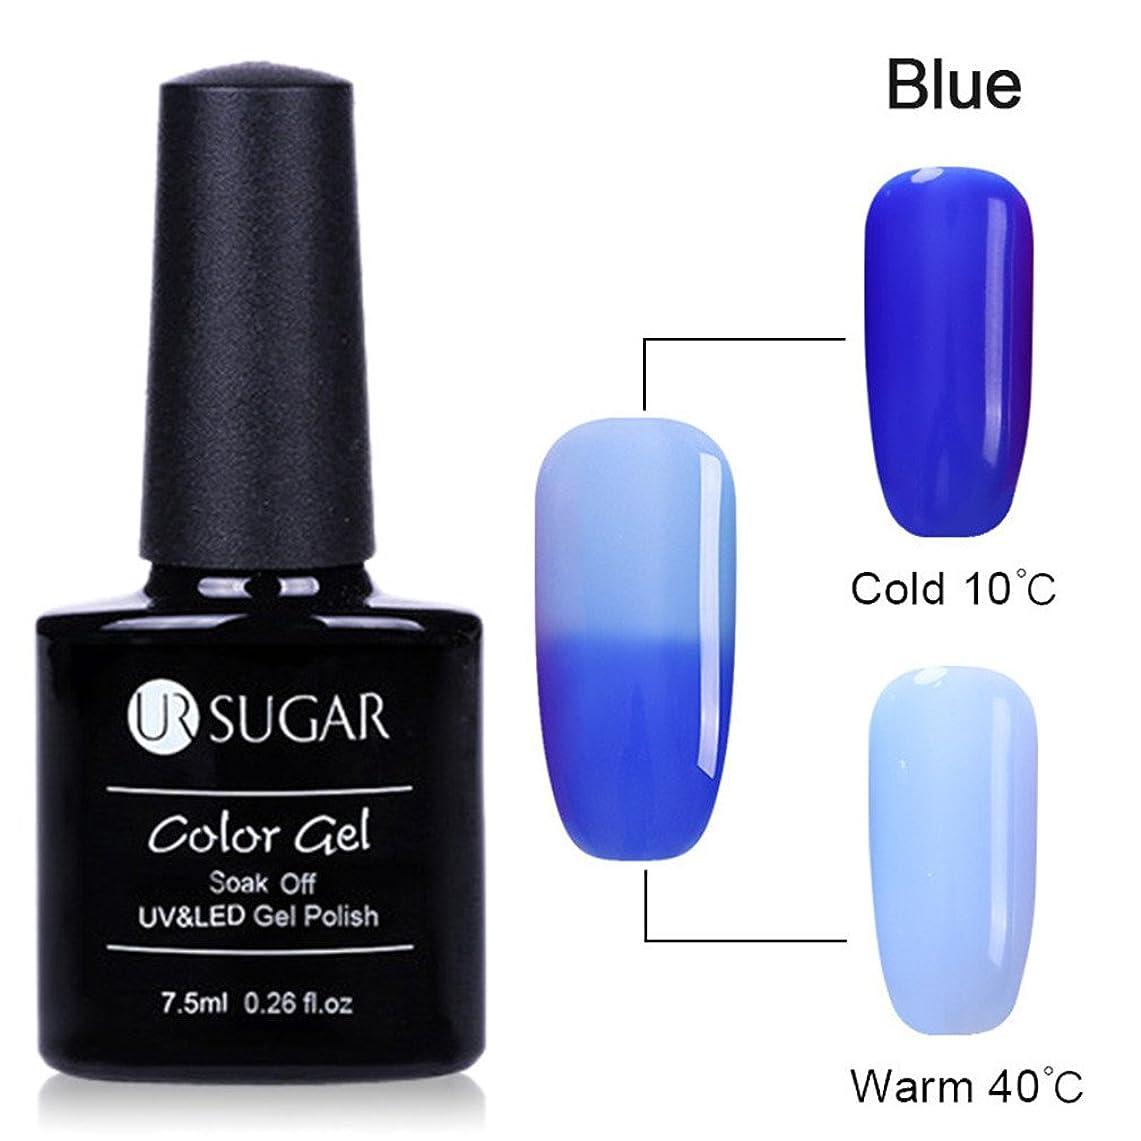 ふつう学者延ばすUR SUGAR トップコート トップコートジェル 温度により色が変化 カメレオンジェル カラージェル UV/LED対応 透明感 変色ジェルネイル ジェルネイル ピカピカ 艶々度UP 全6色選択可 [並行輸入品]